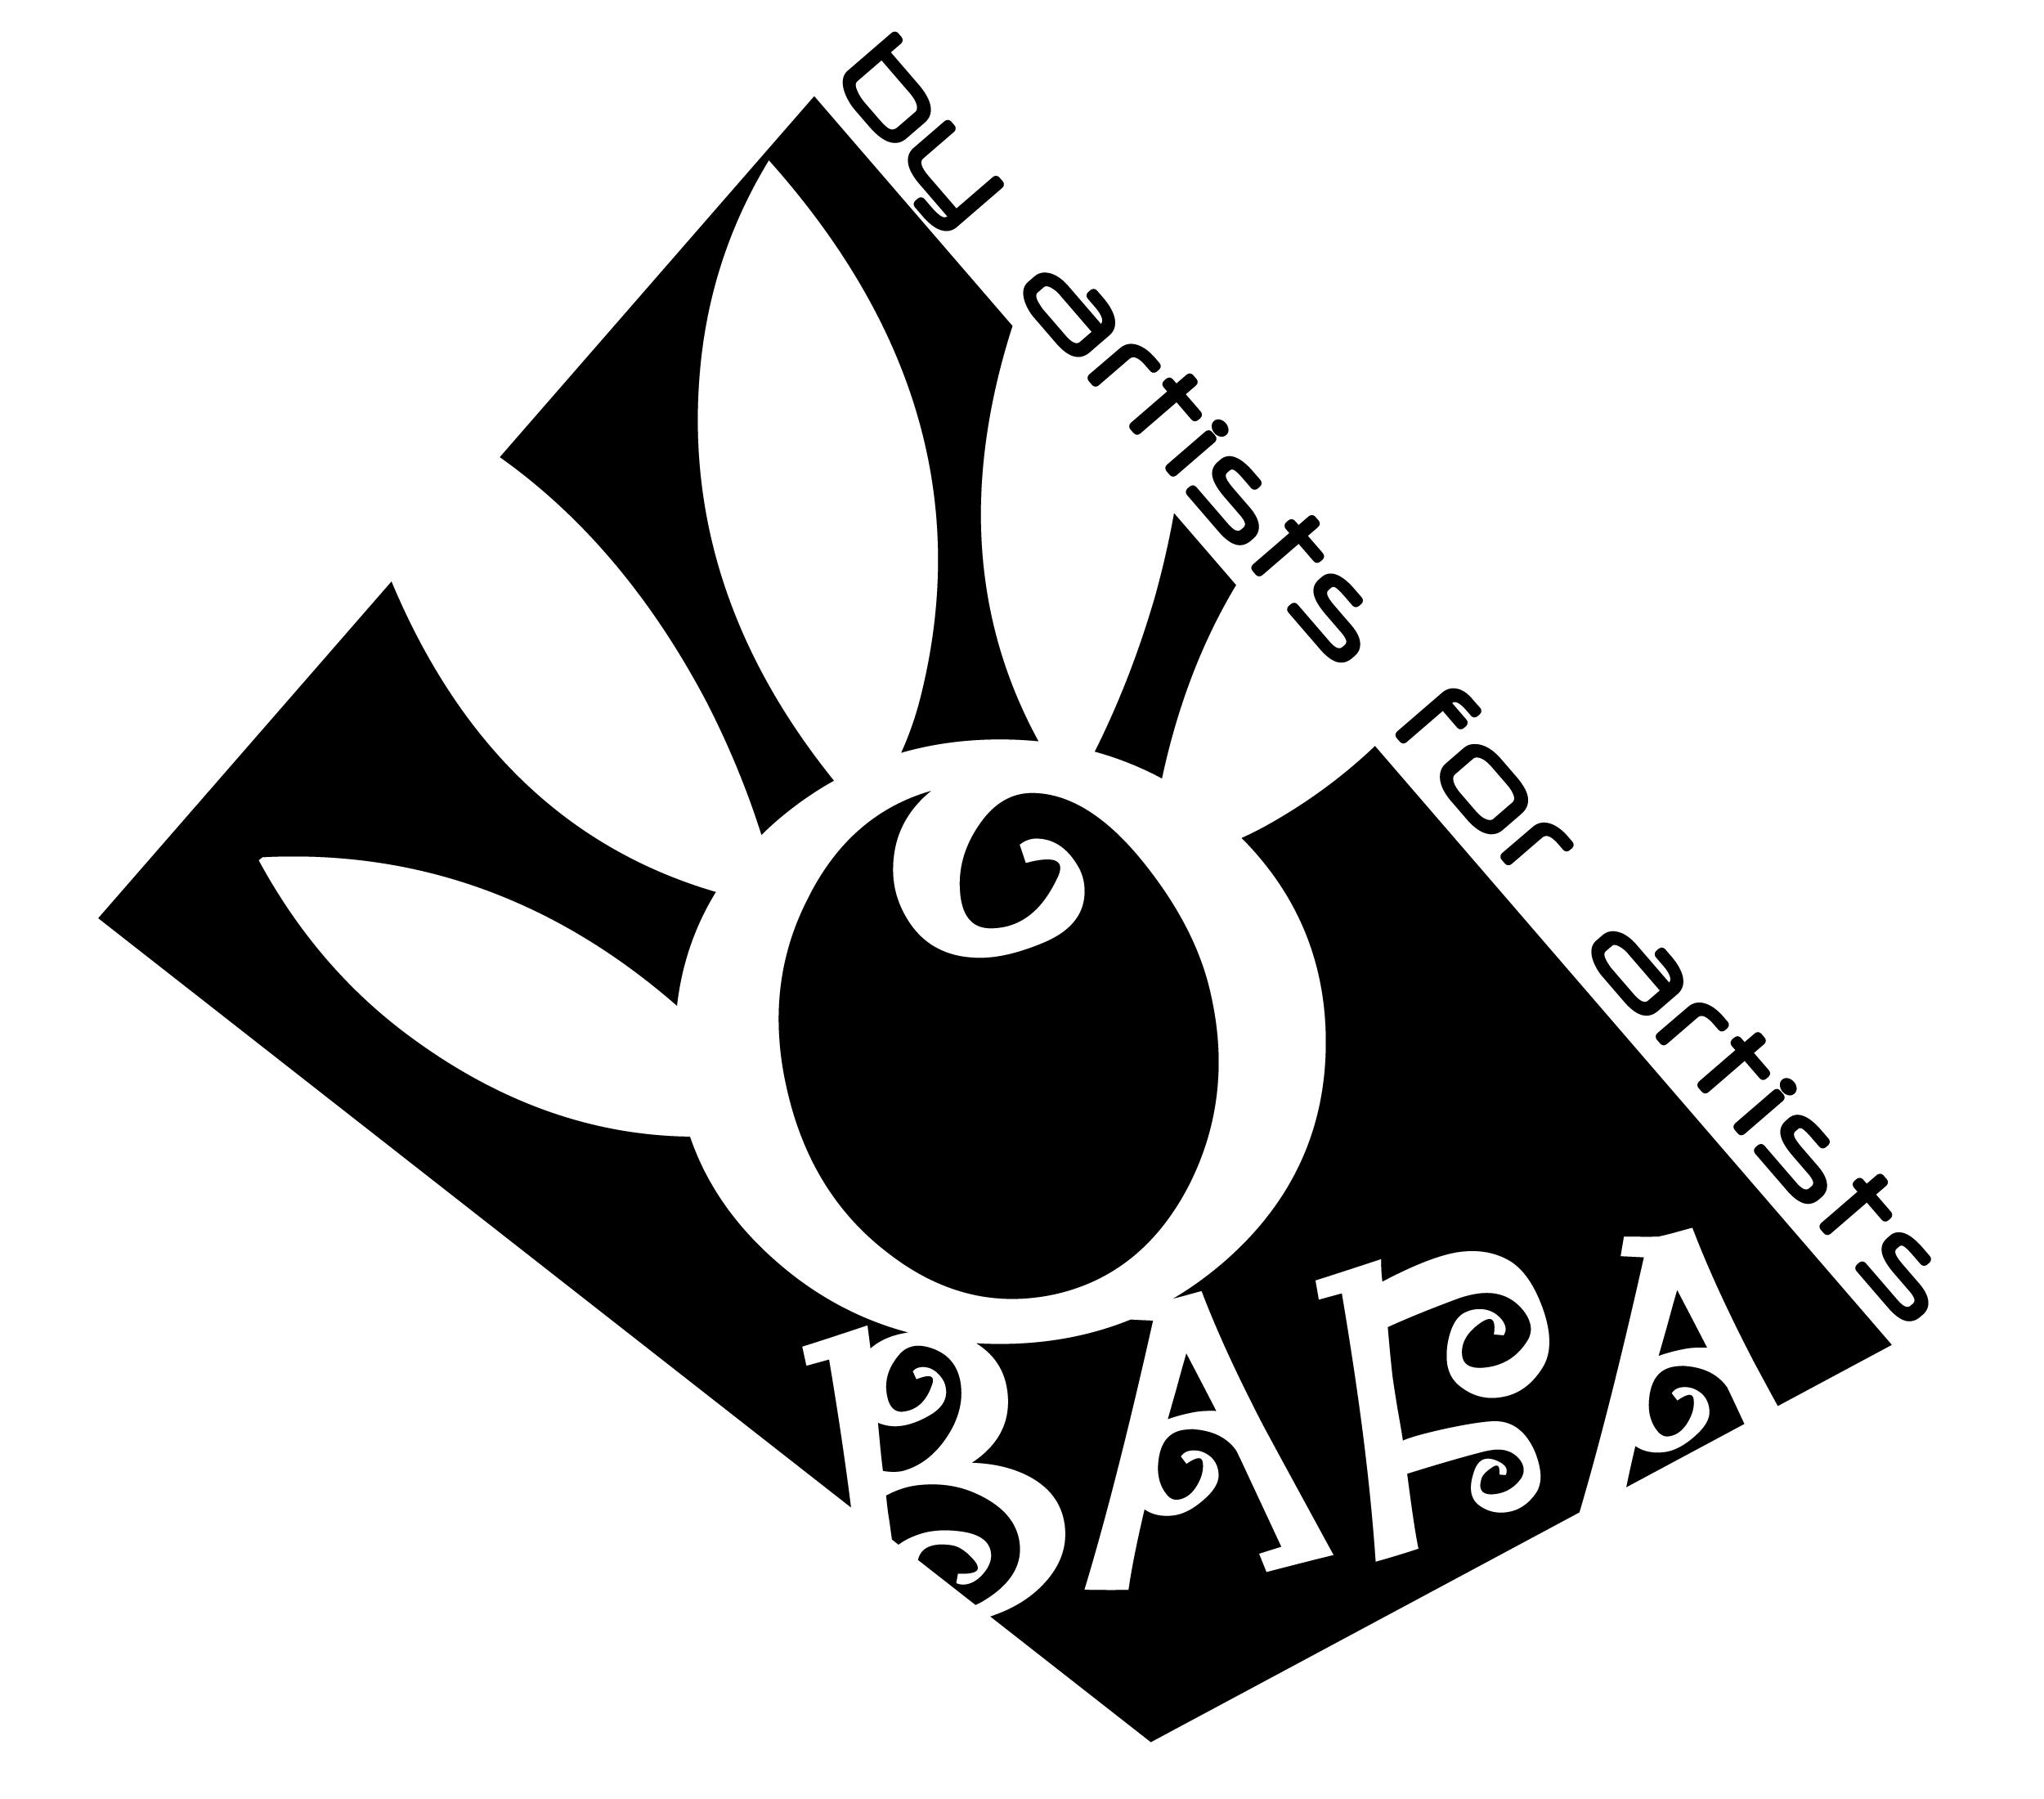 Logo_Idea#1_BAFA